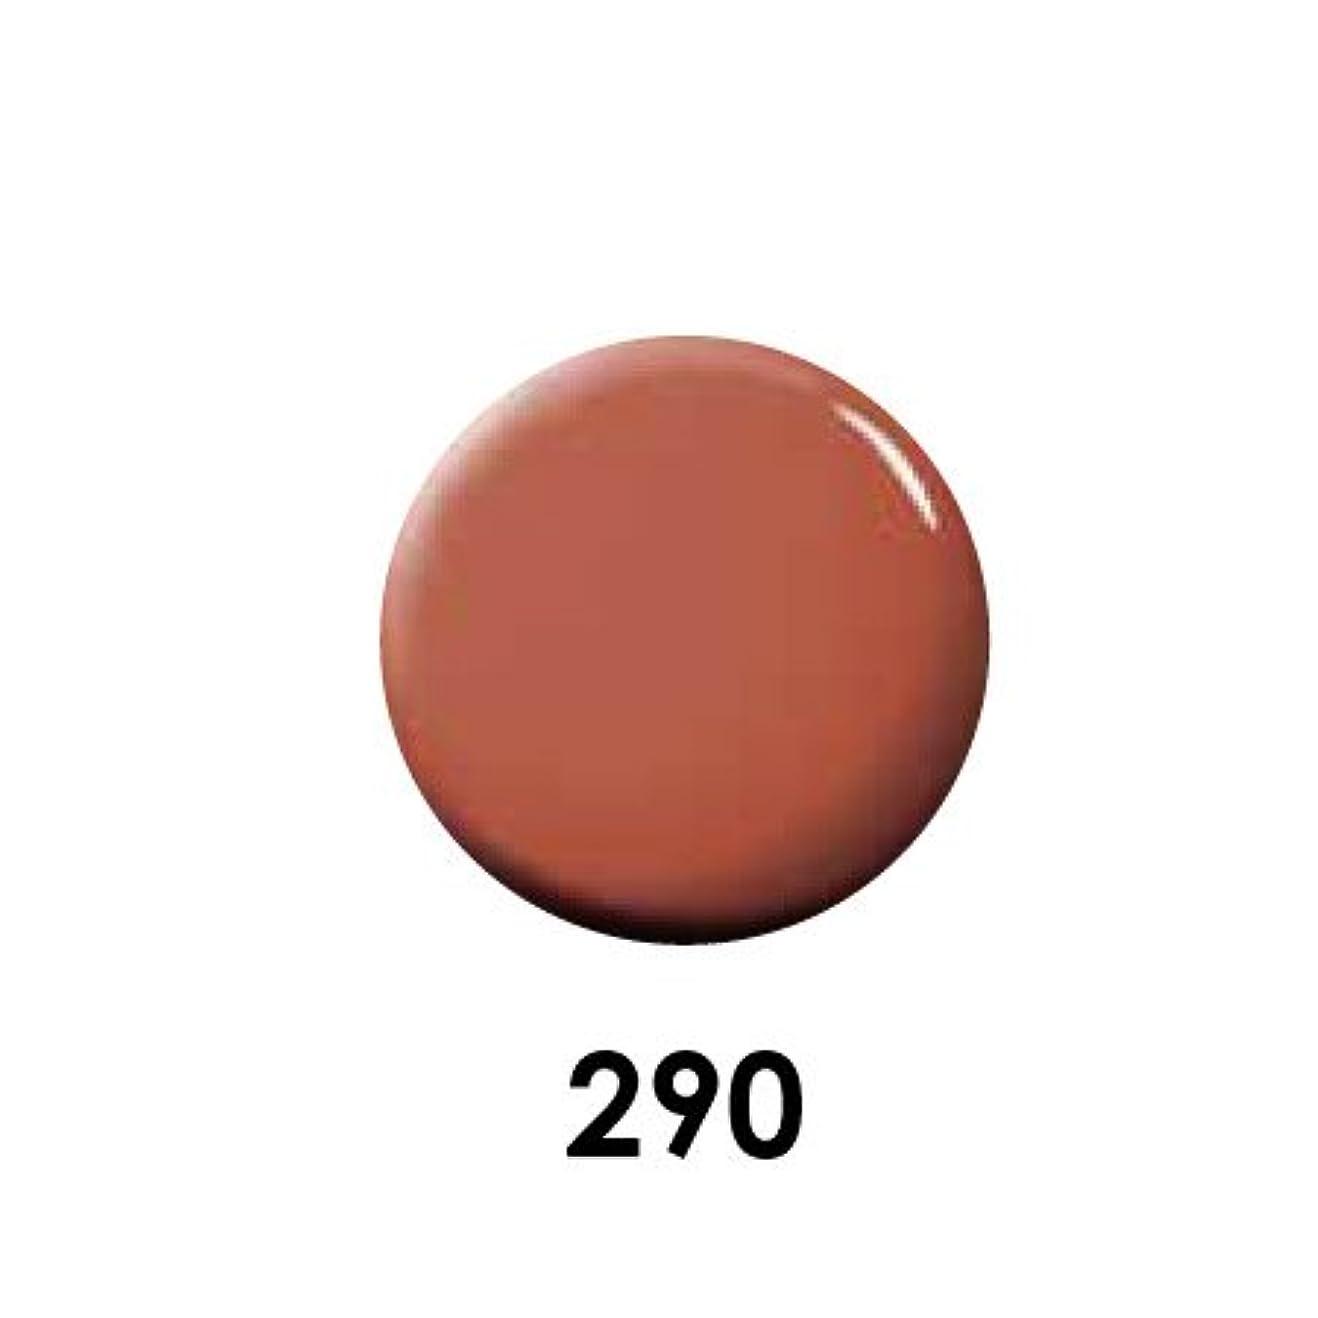 ウェイド天気時刻表Putiel プティール カラージェル 290 レッドソイル 4g (MARIEプロデュース)